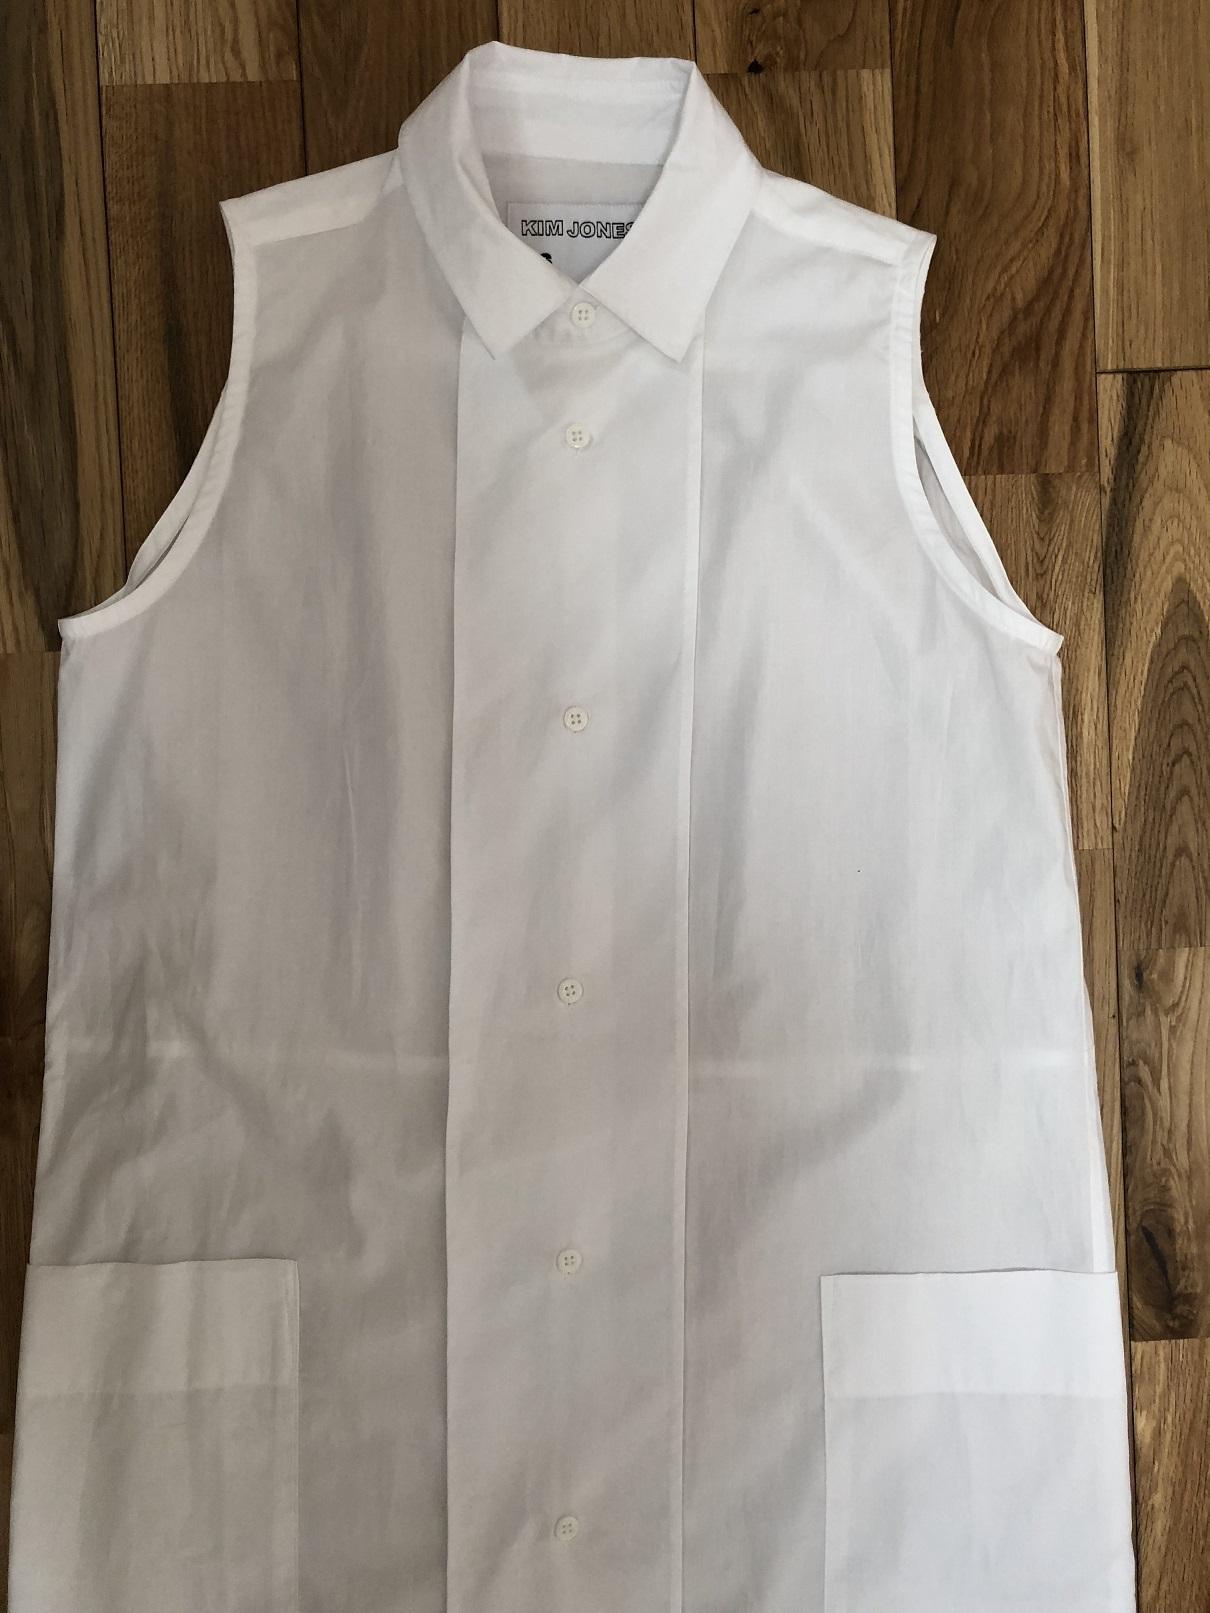 GU×キムジョーンズコラボのシャツワンピース♪ プチプラとは思えないクオリティの高さにびっくり!_1_2-2